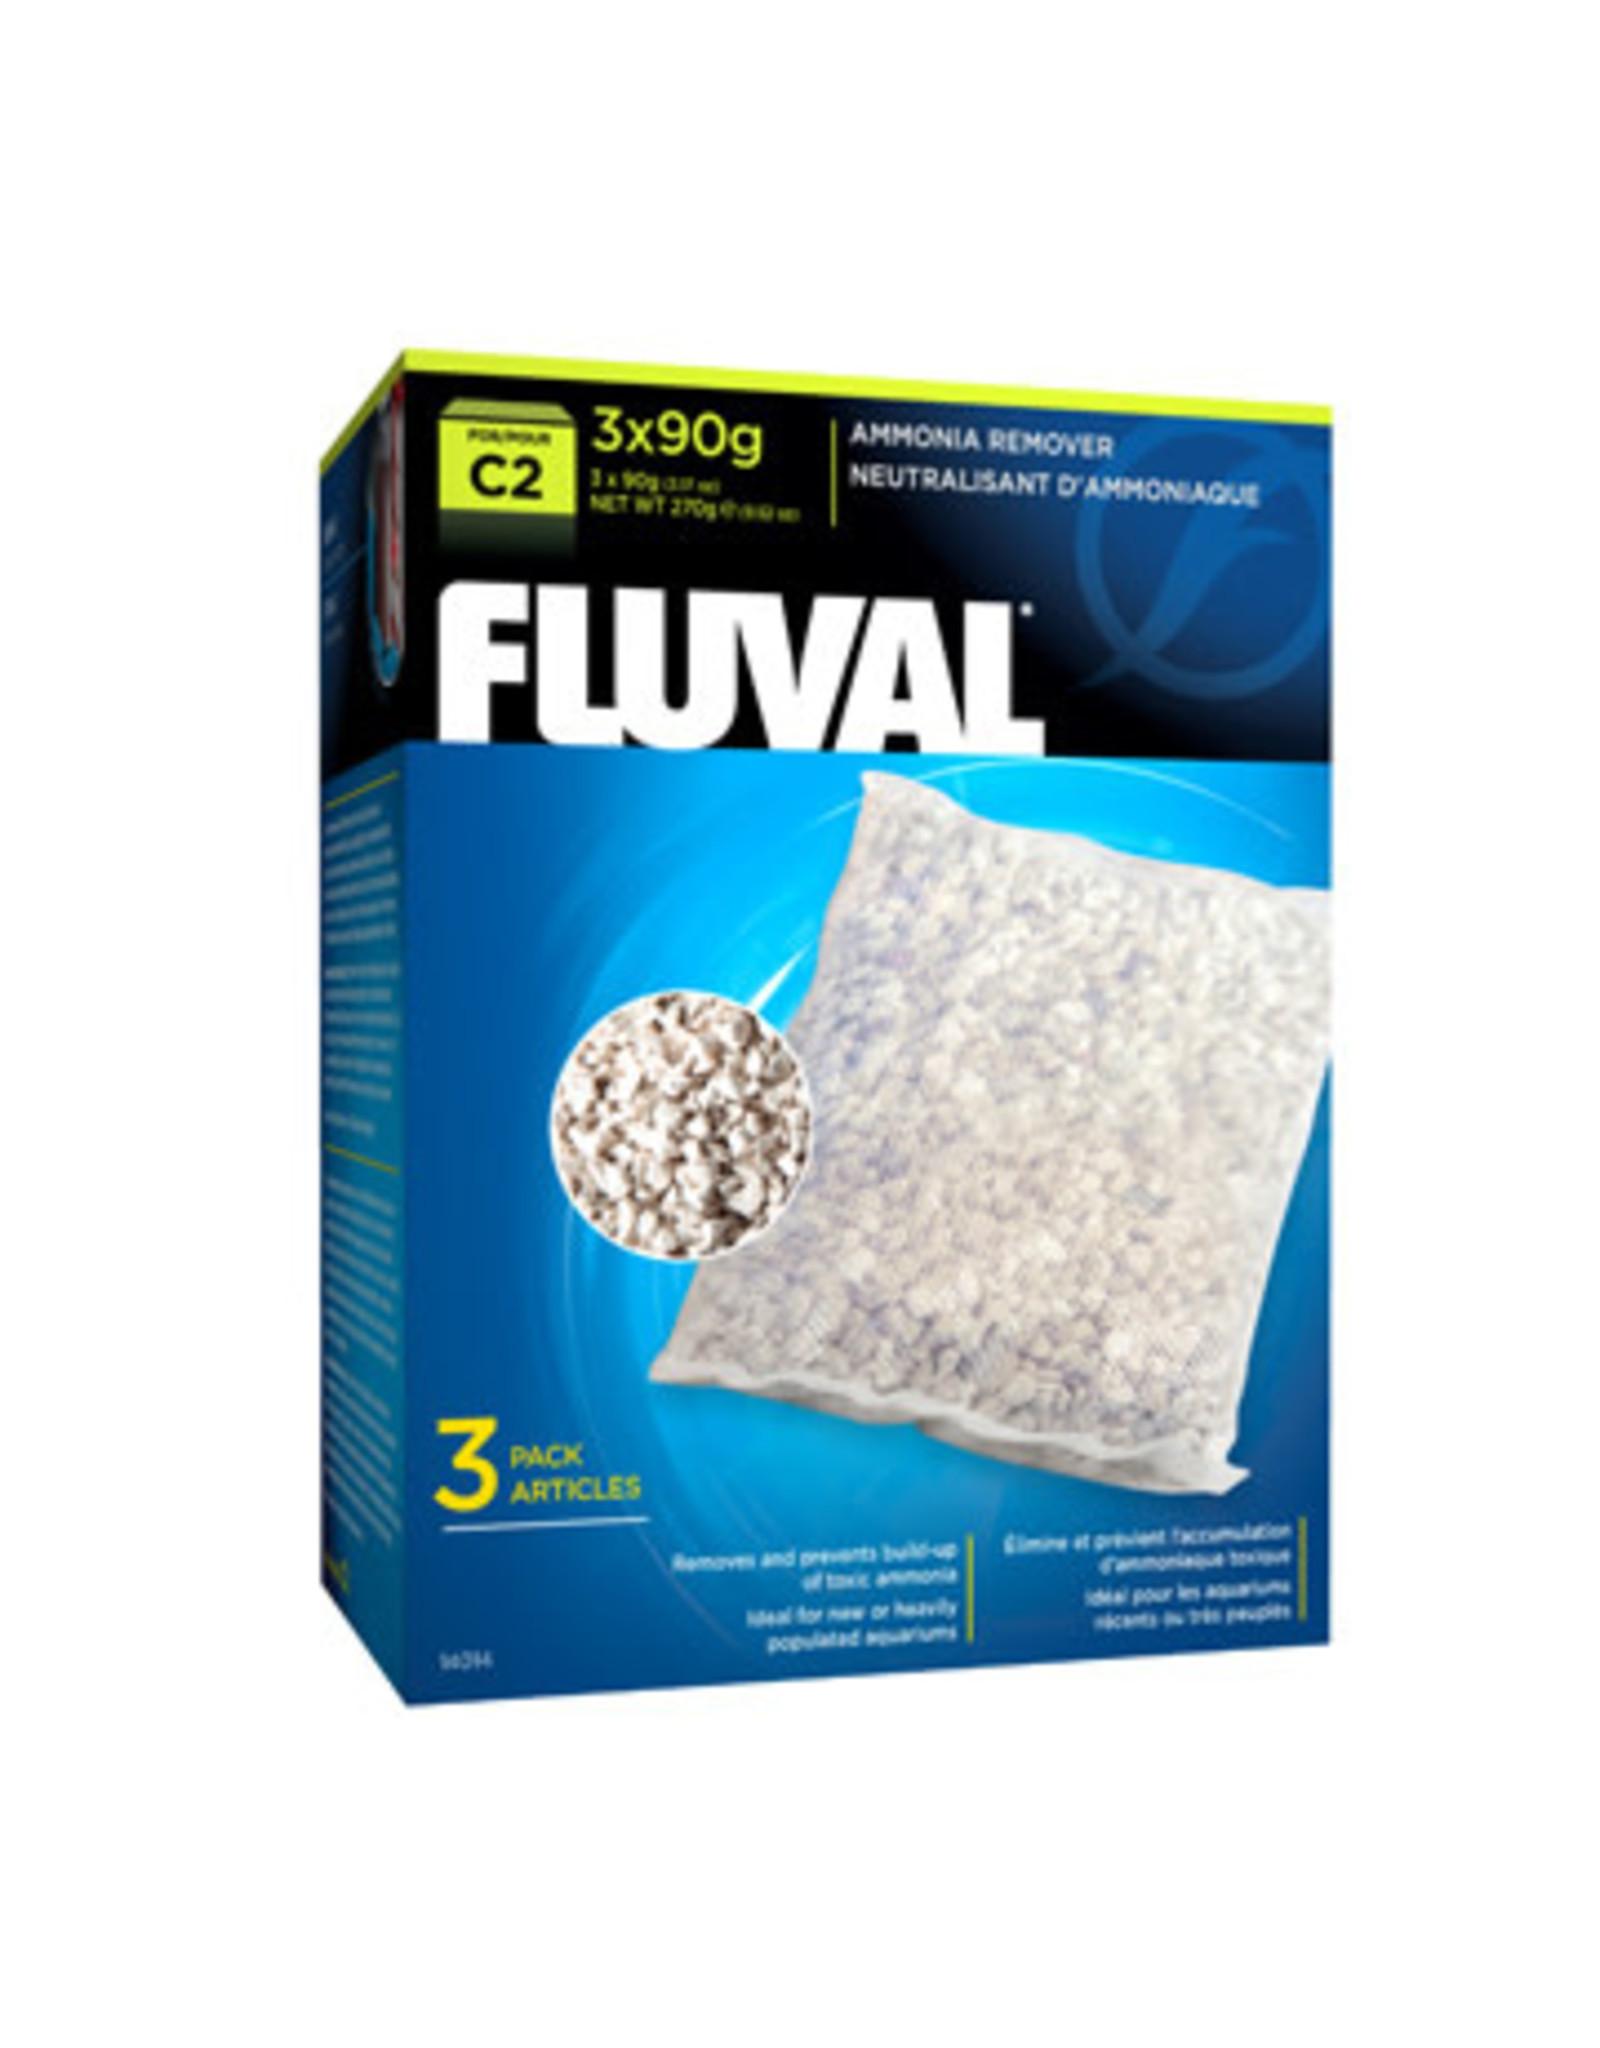 Fluval Fluval C2 Ammonia Remover, 3-pack